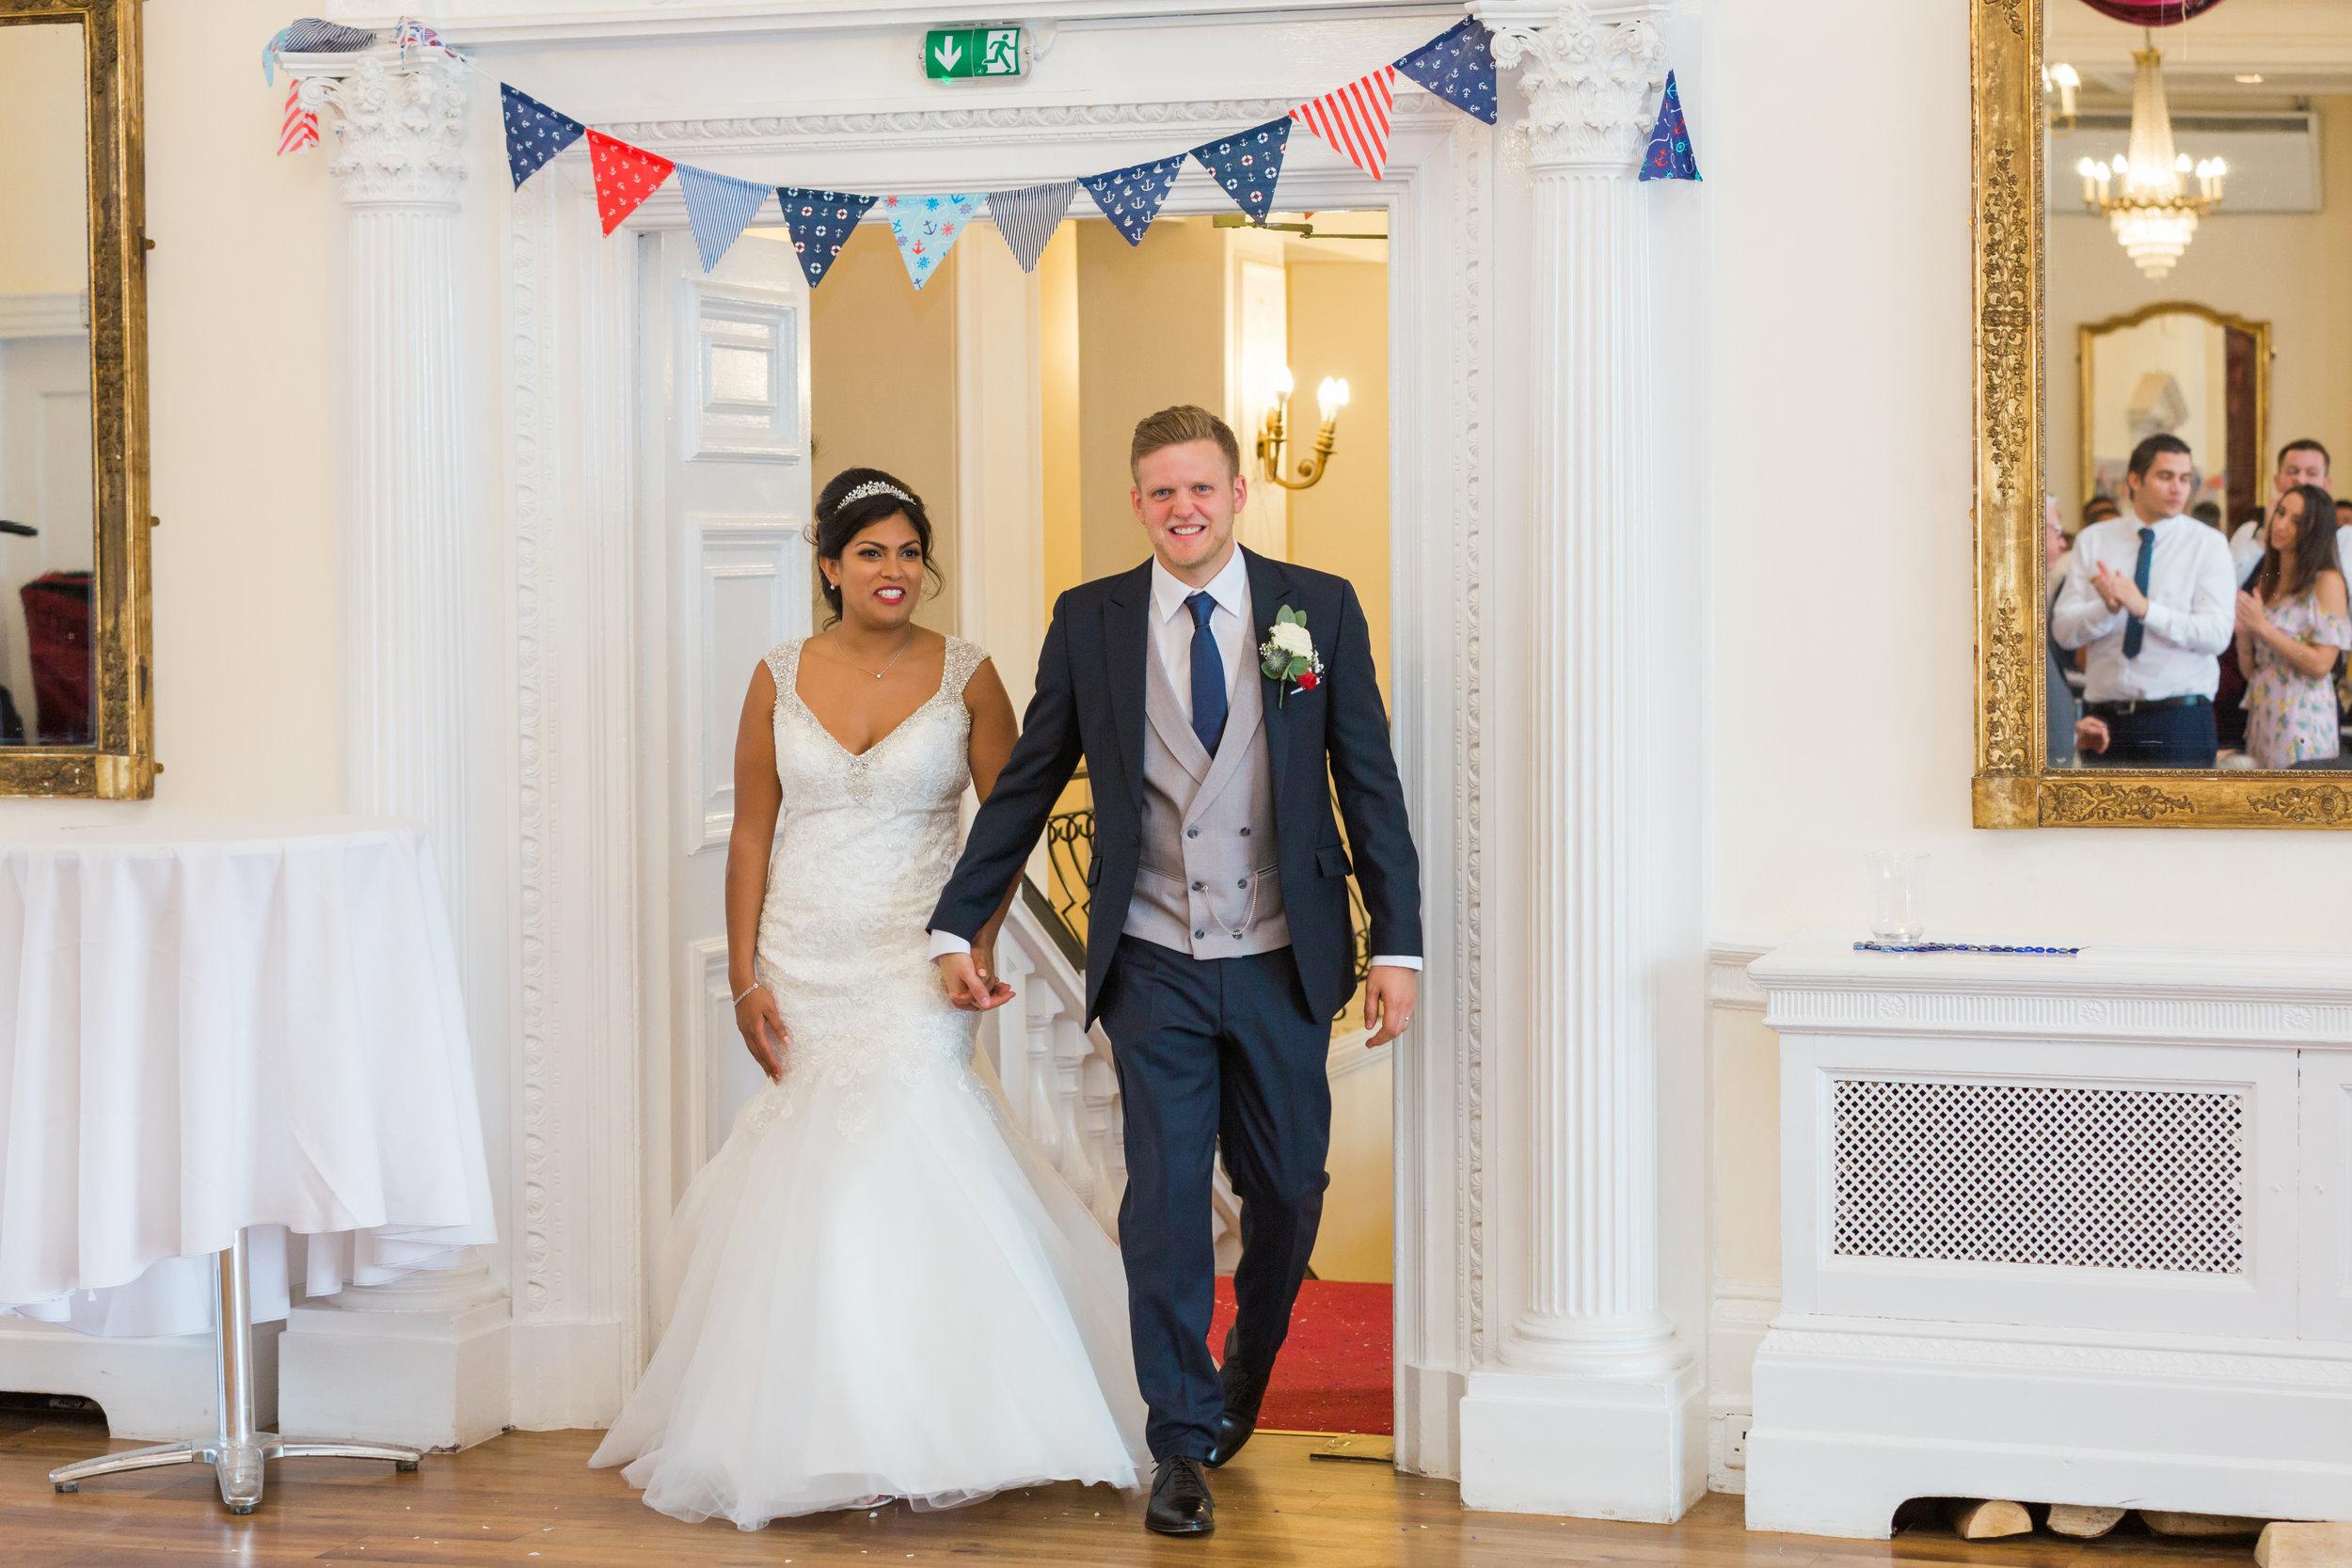 wedding-reception-entrance.jpg